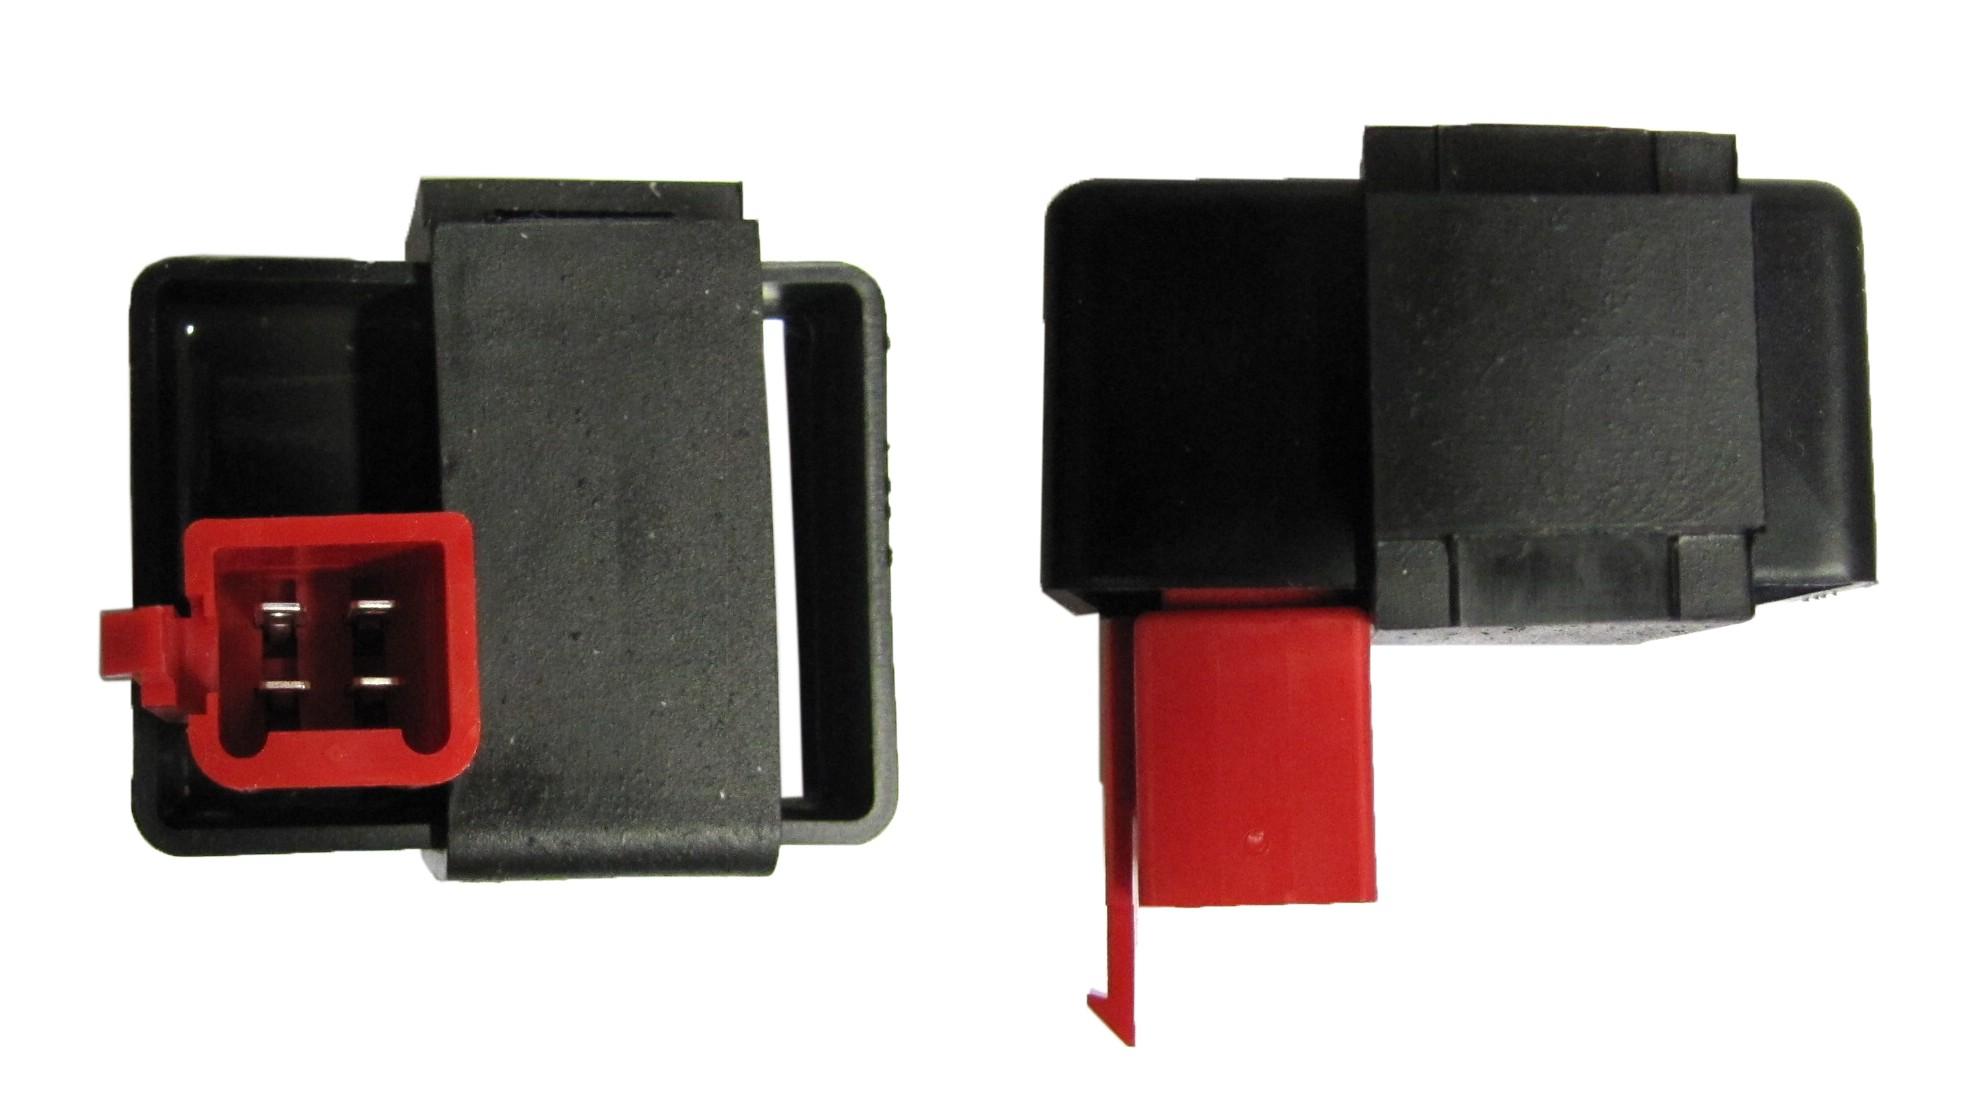 relay fuel pump kawasaki zx6r 93-02,zxr750 89-94,zx9r 94